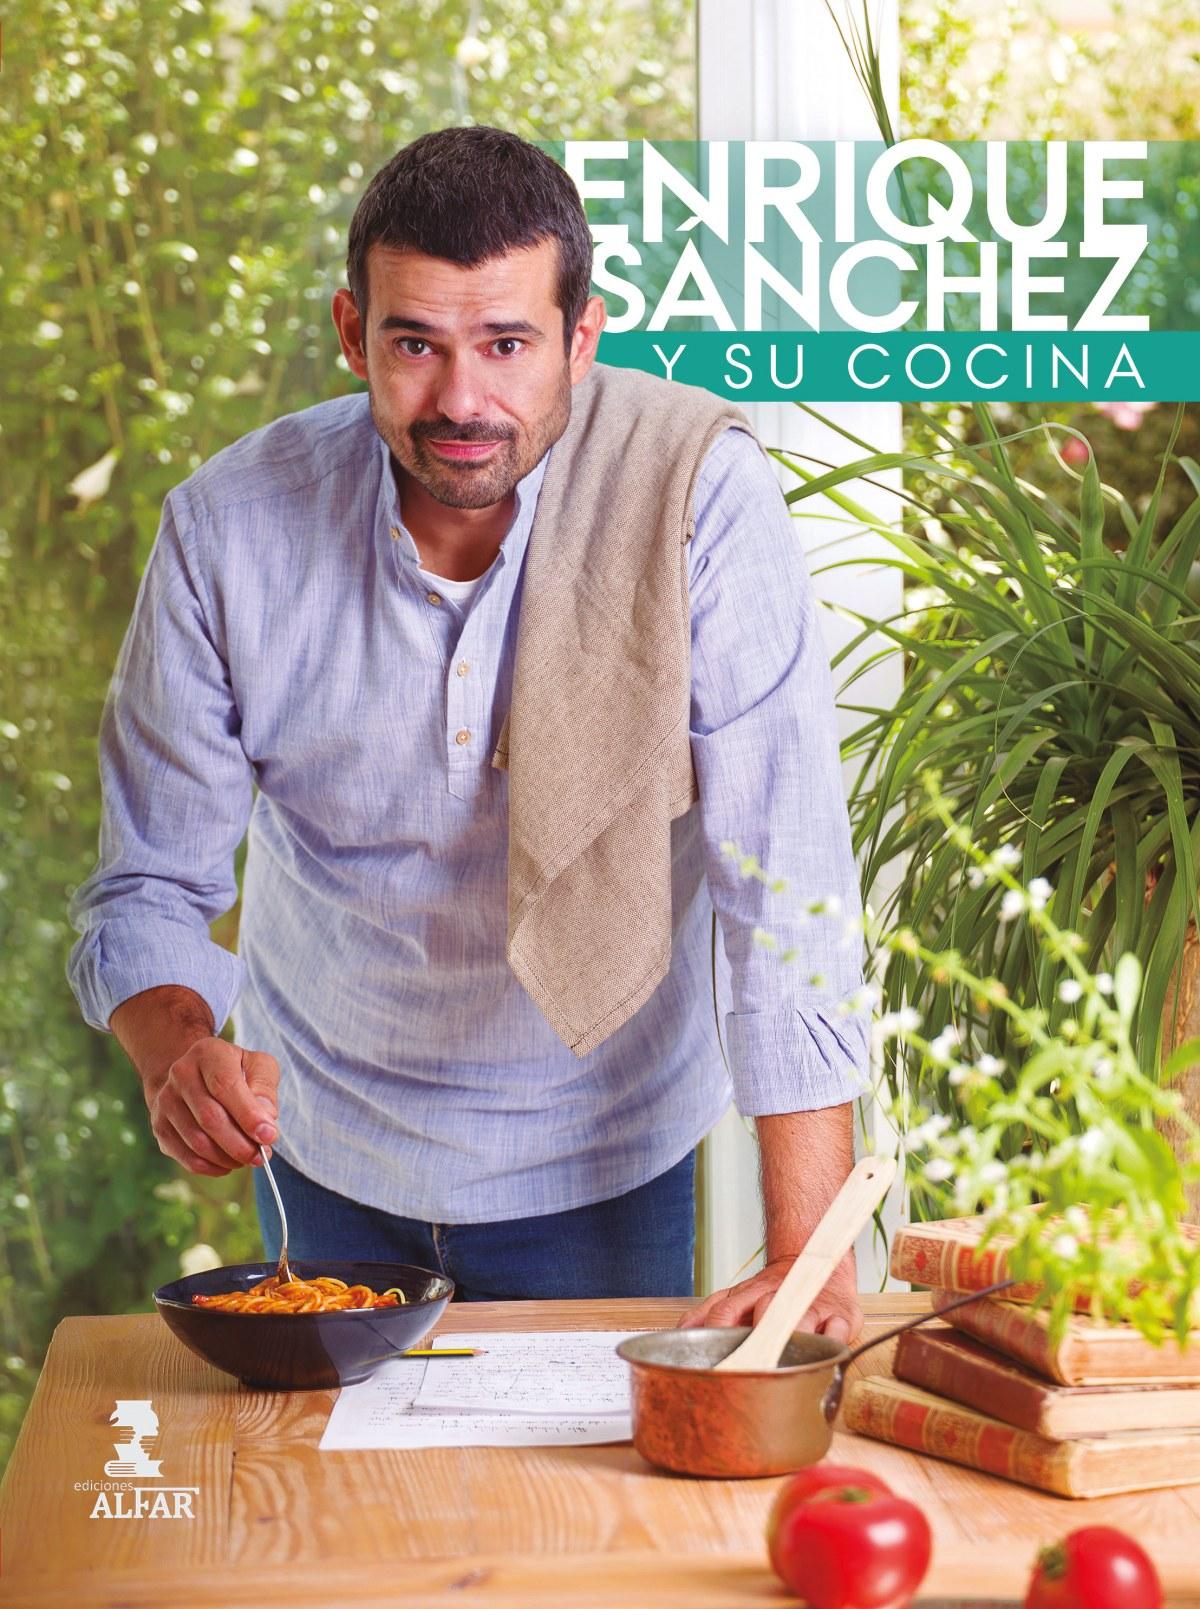 Enrique Sánchez y su cocina